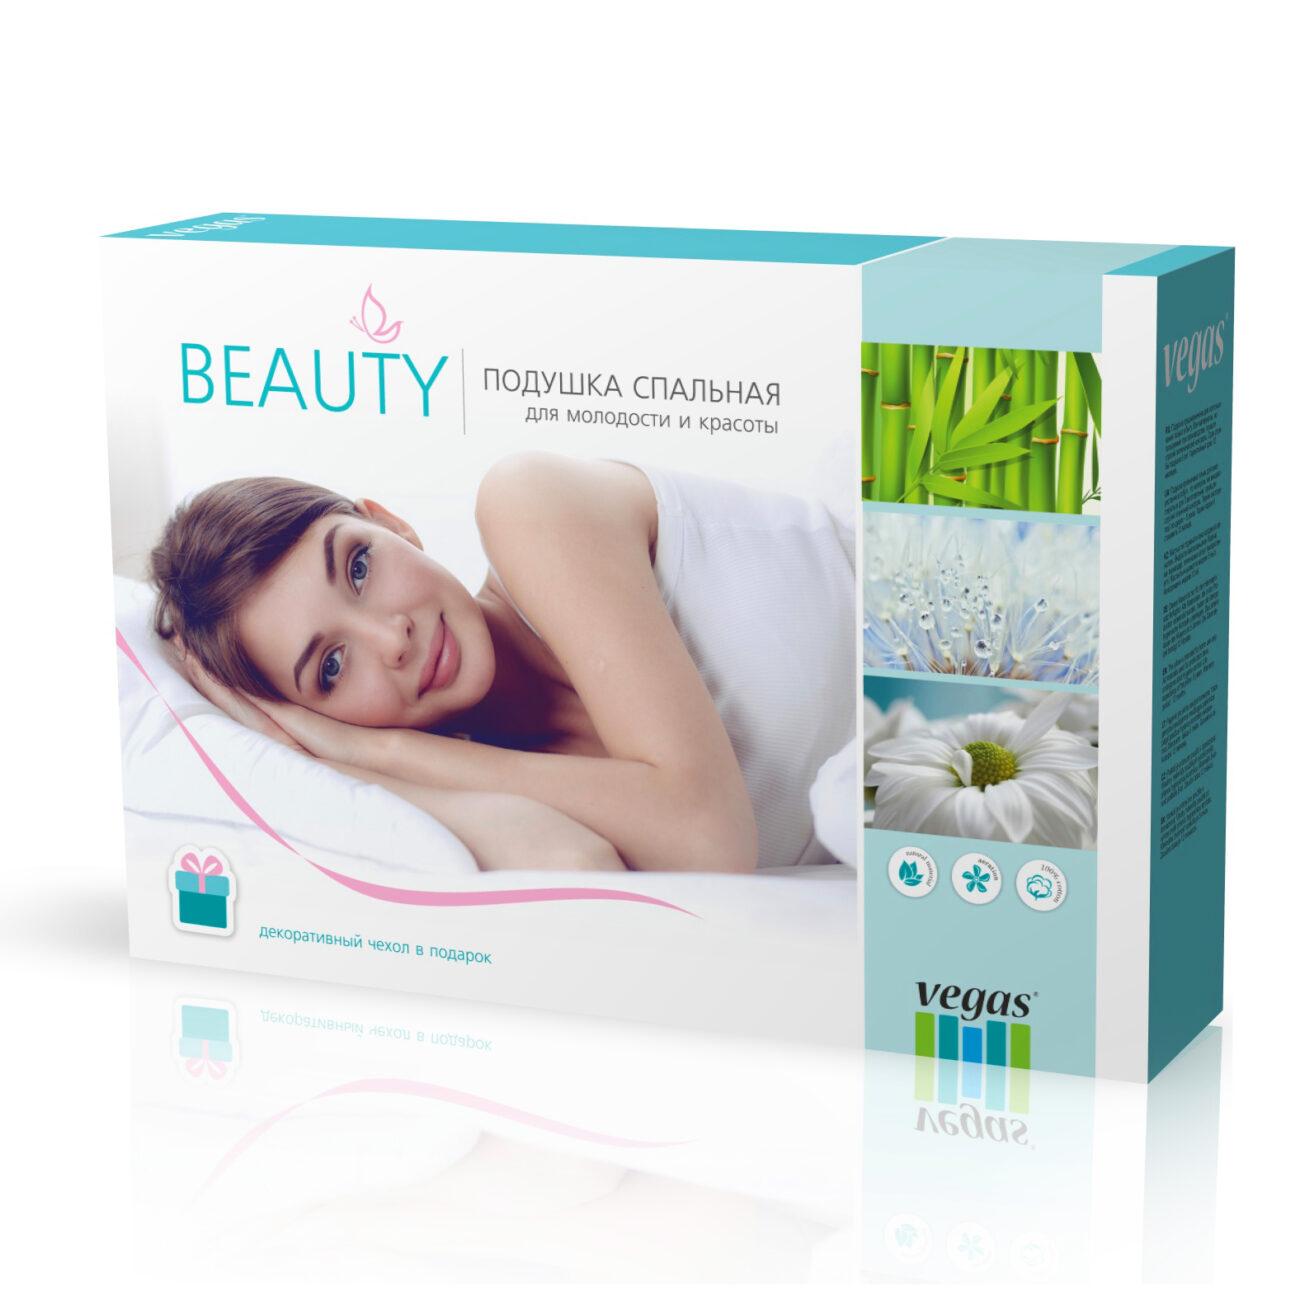 Подушка Вегас Beauty купить